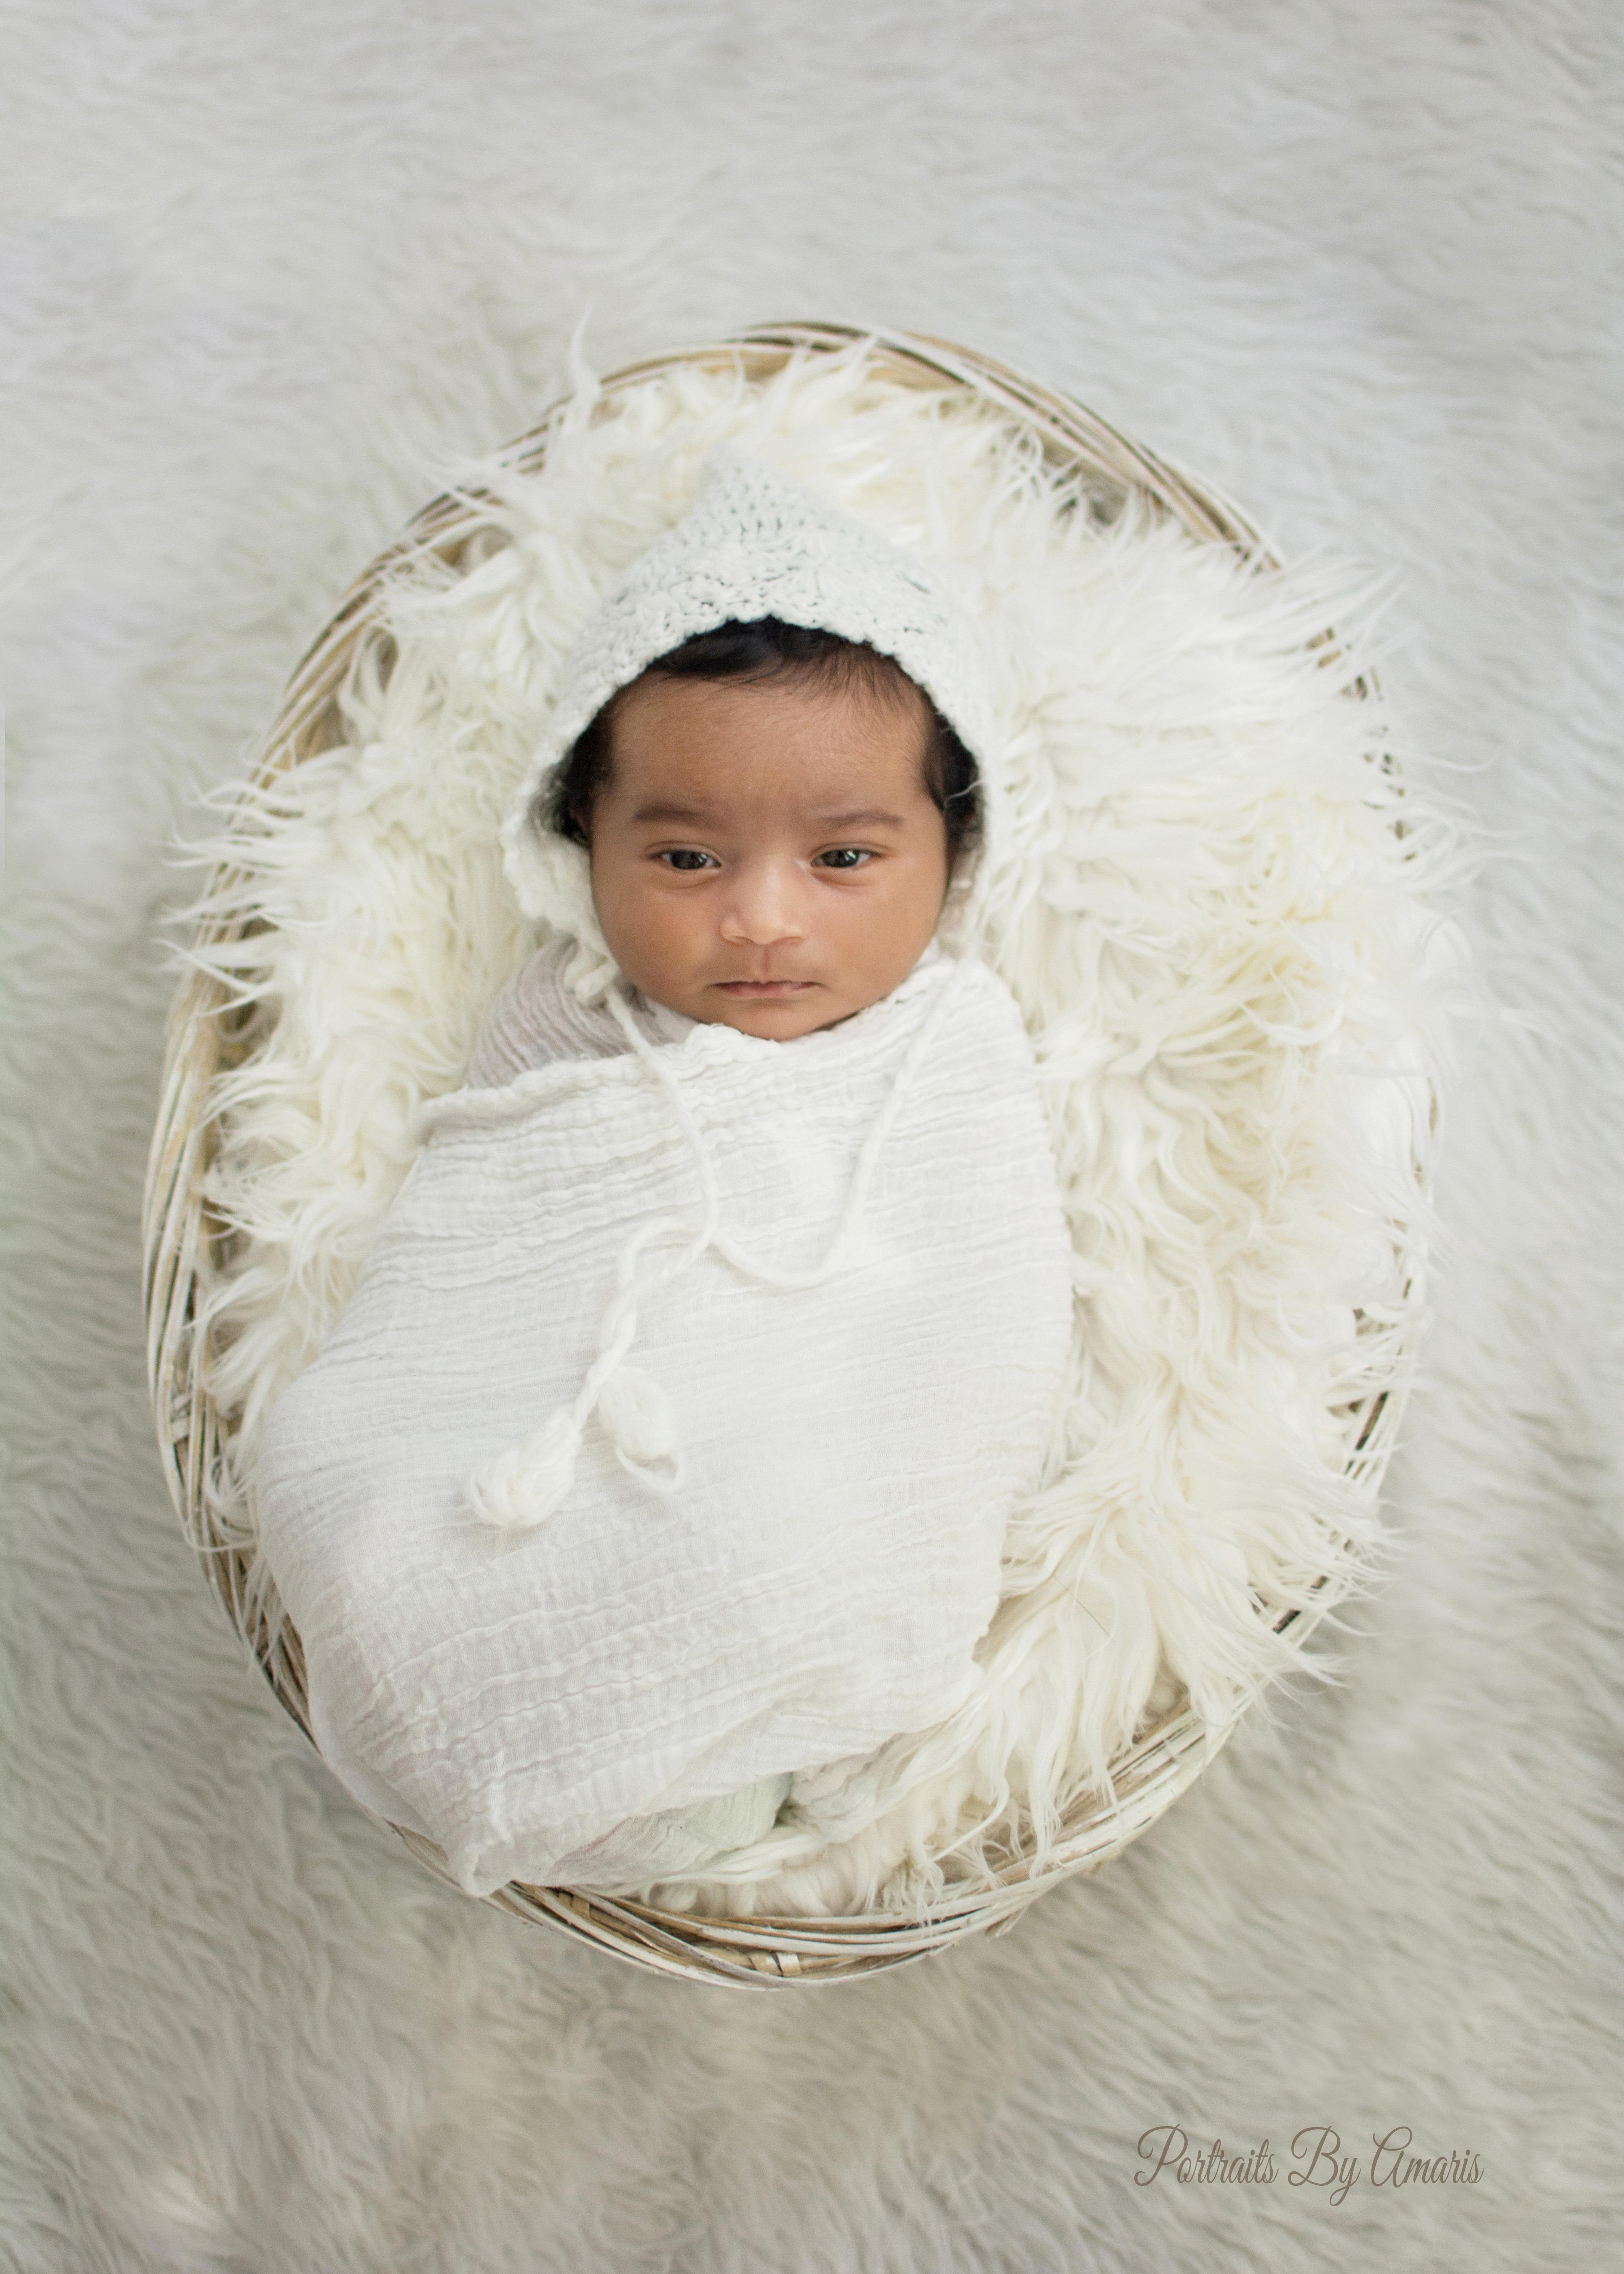 Newborn with layers of white fabrics